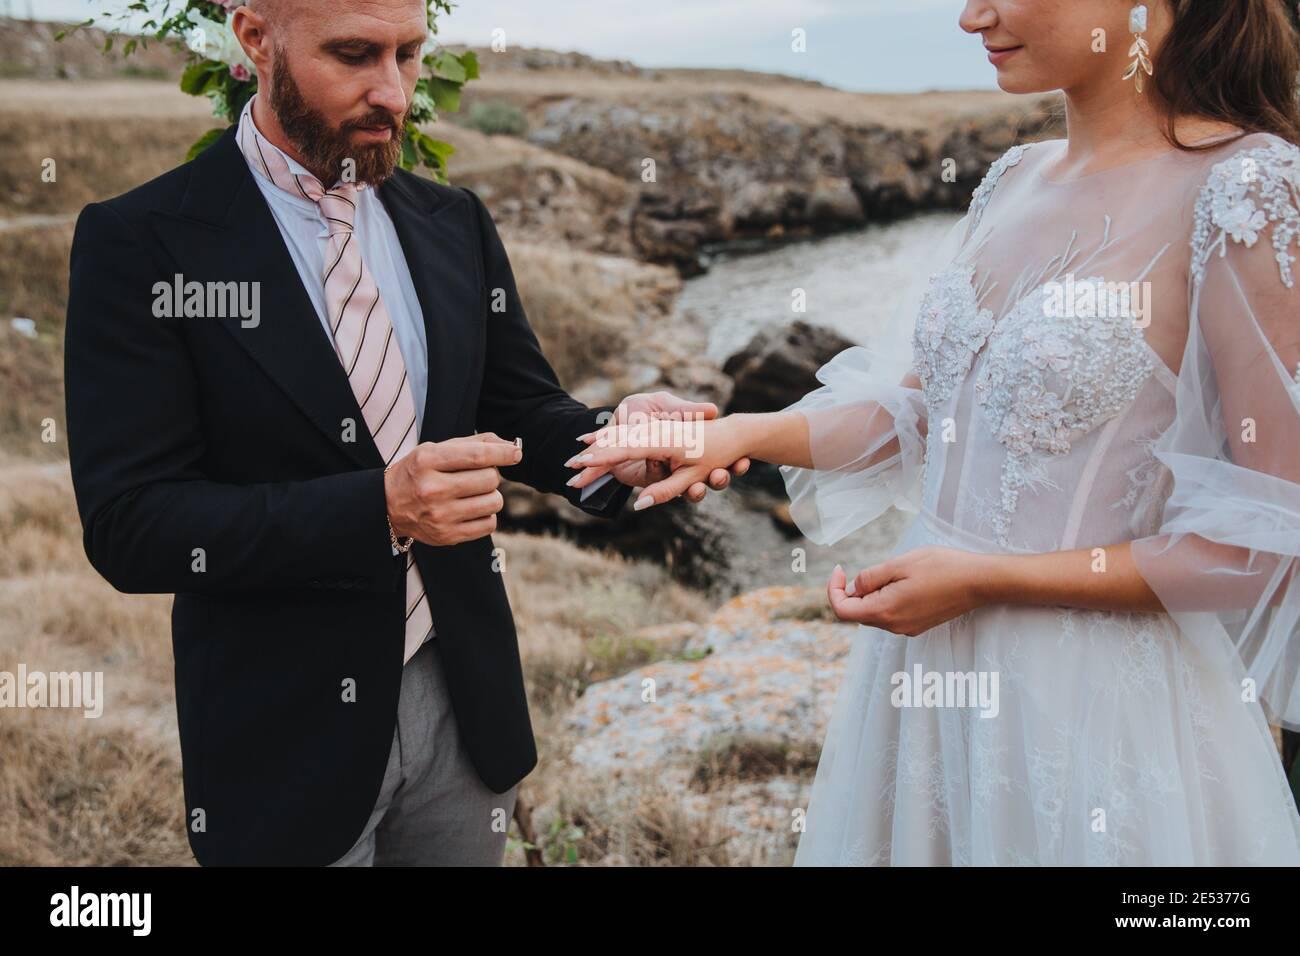 Un hombre le propone a una mujer que se involucre poniendo un anillo en su dedo. Foto de stock